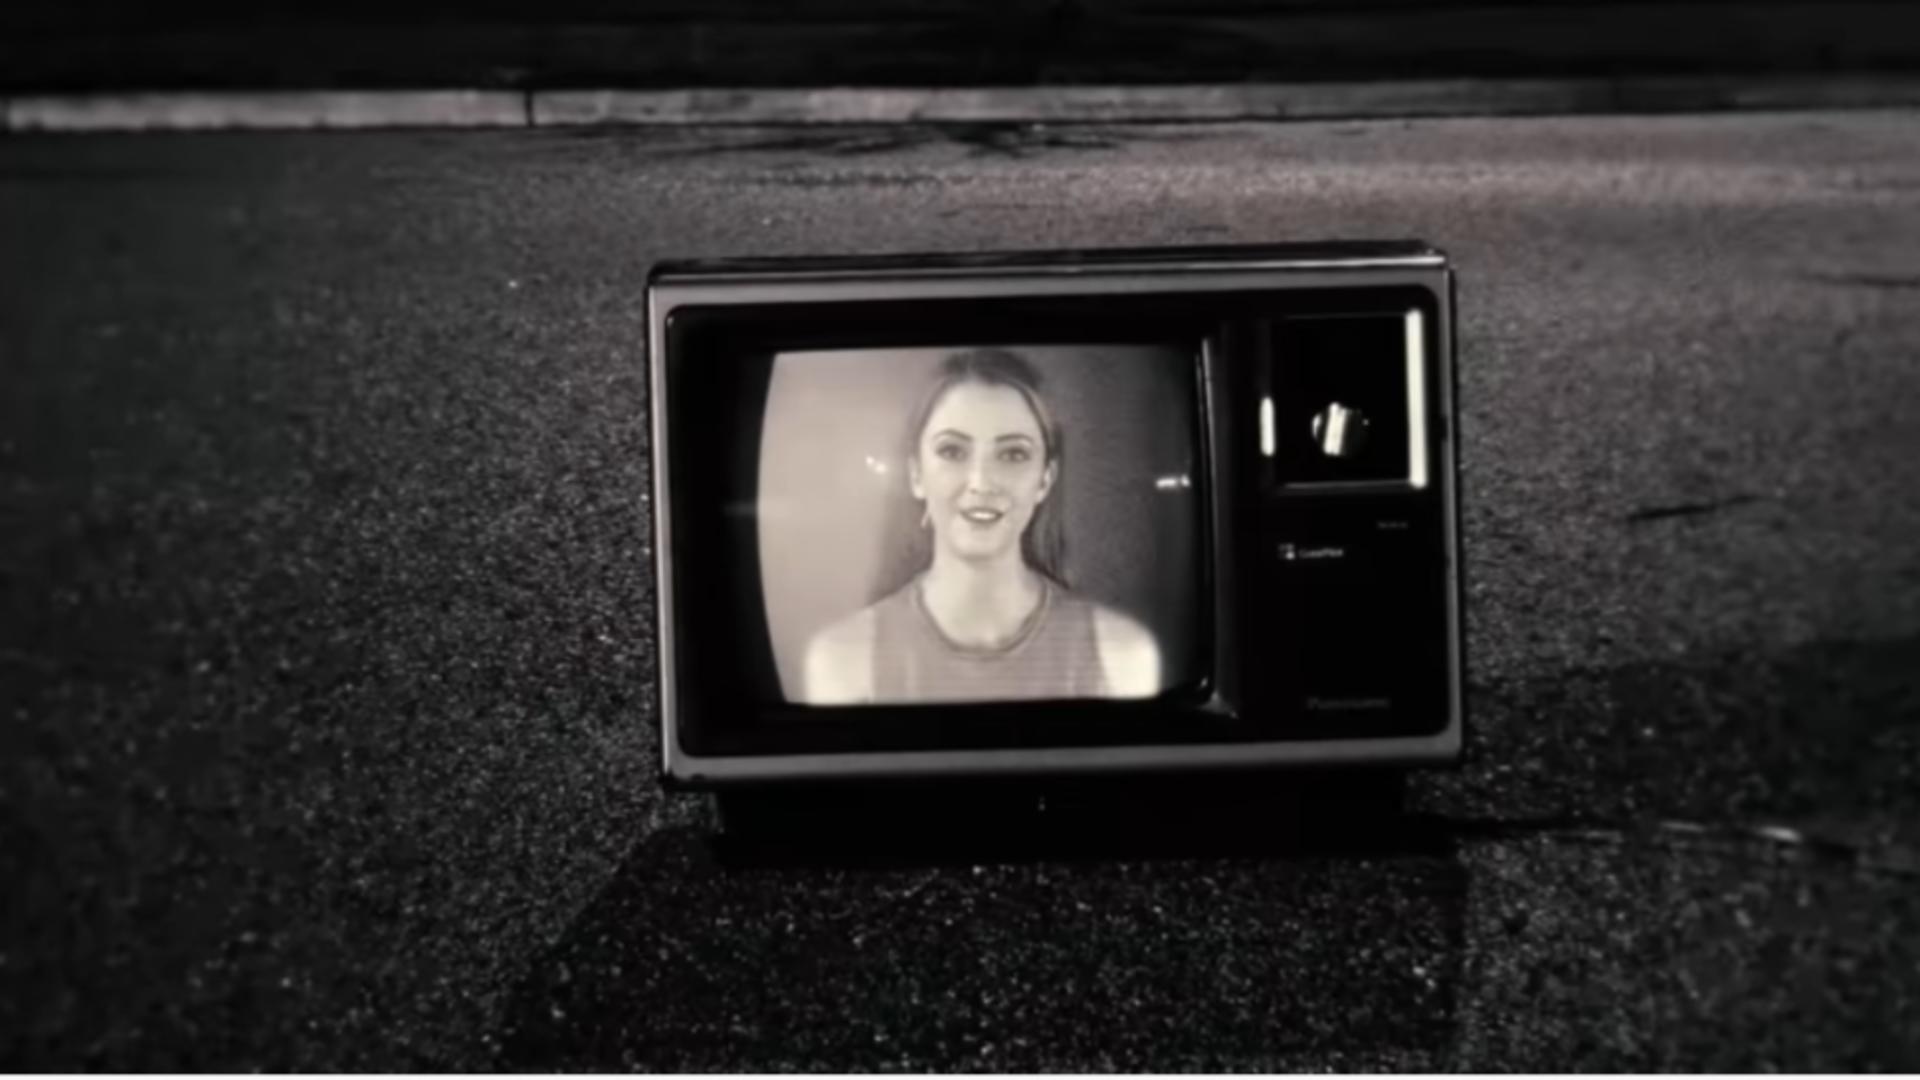 Clonă digitală. Foto: captură YouTube